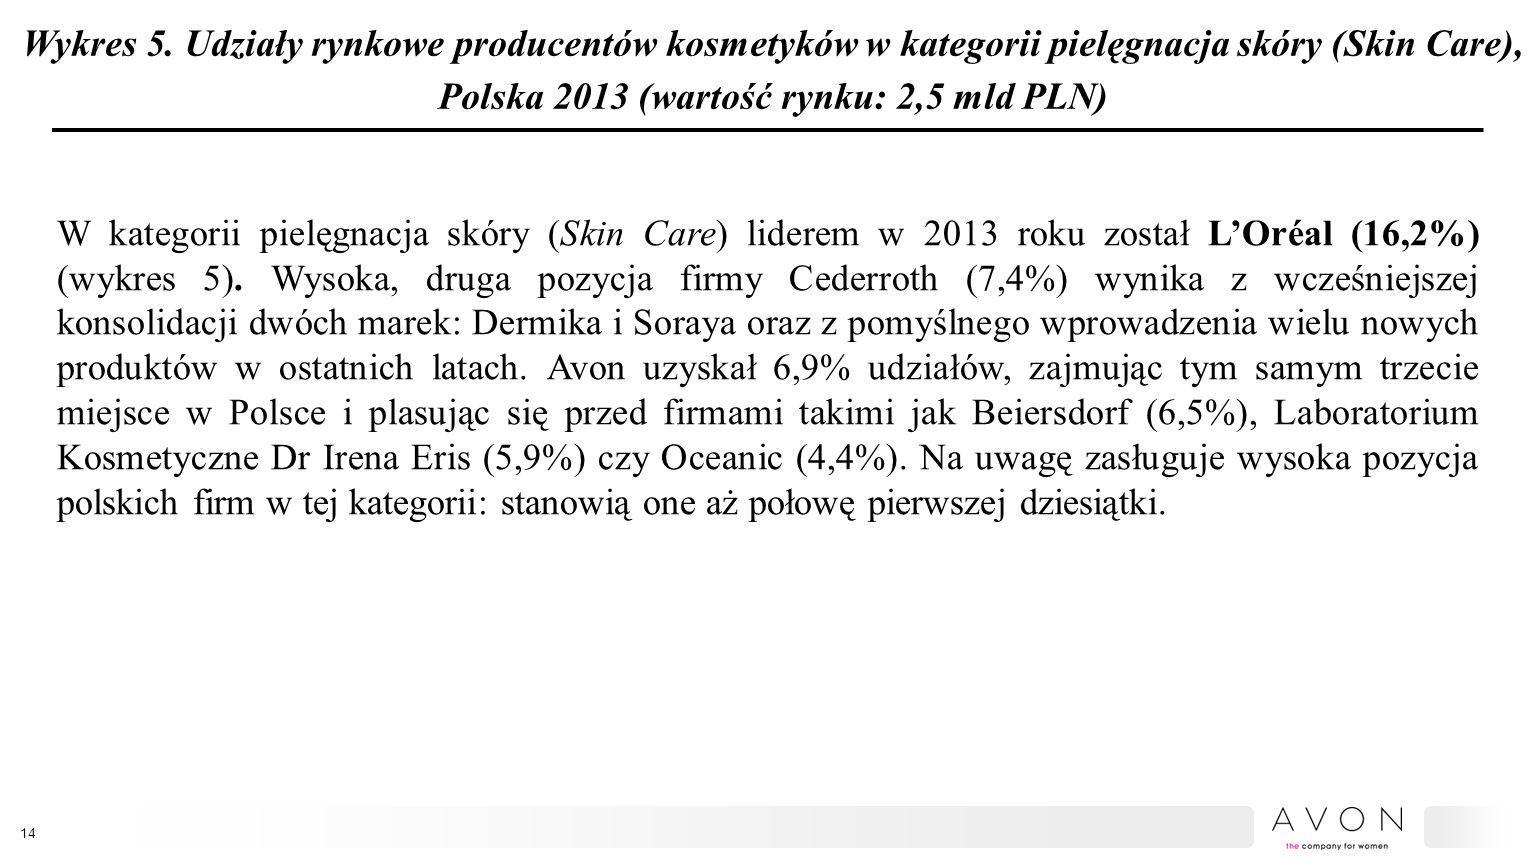 Wykres 5. Udziały rynkowe producentów kosmetyków w kategorii pielęgnacja skóry (Skin Care), Polska 2013 (wartość rynku: 2,5 mld PLN)